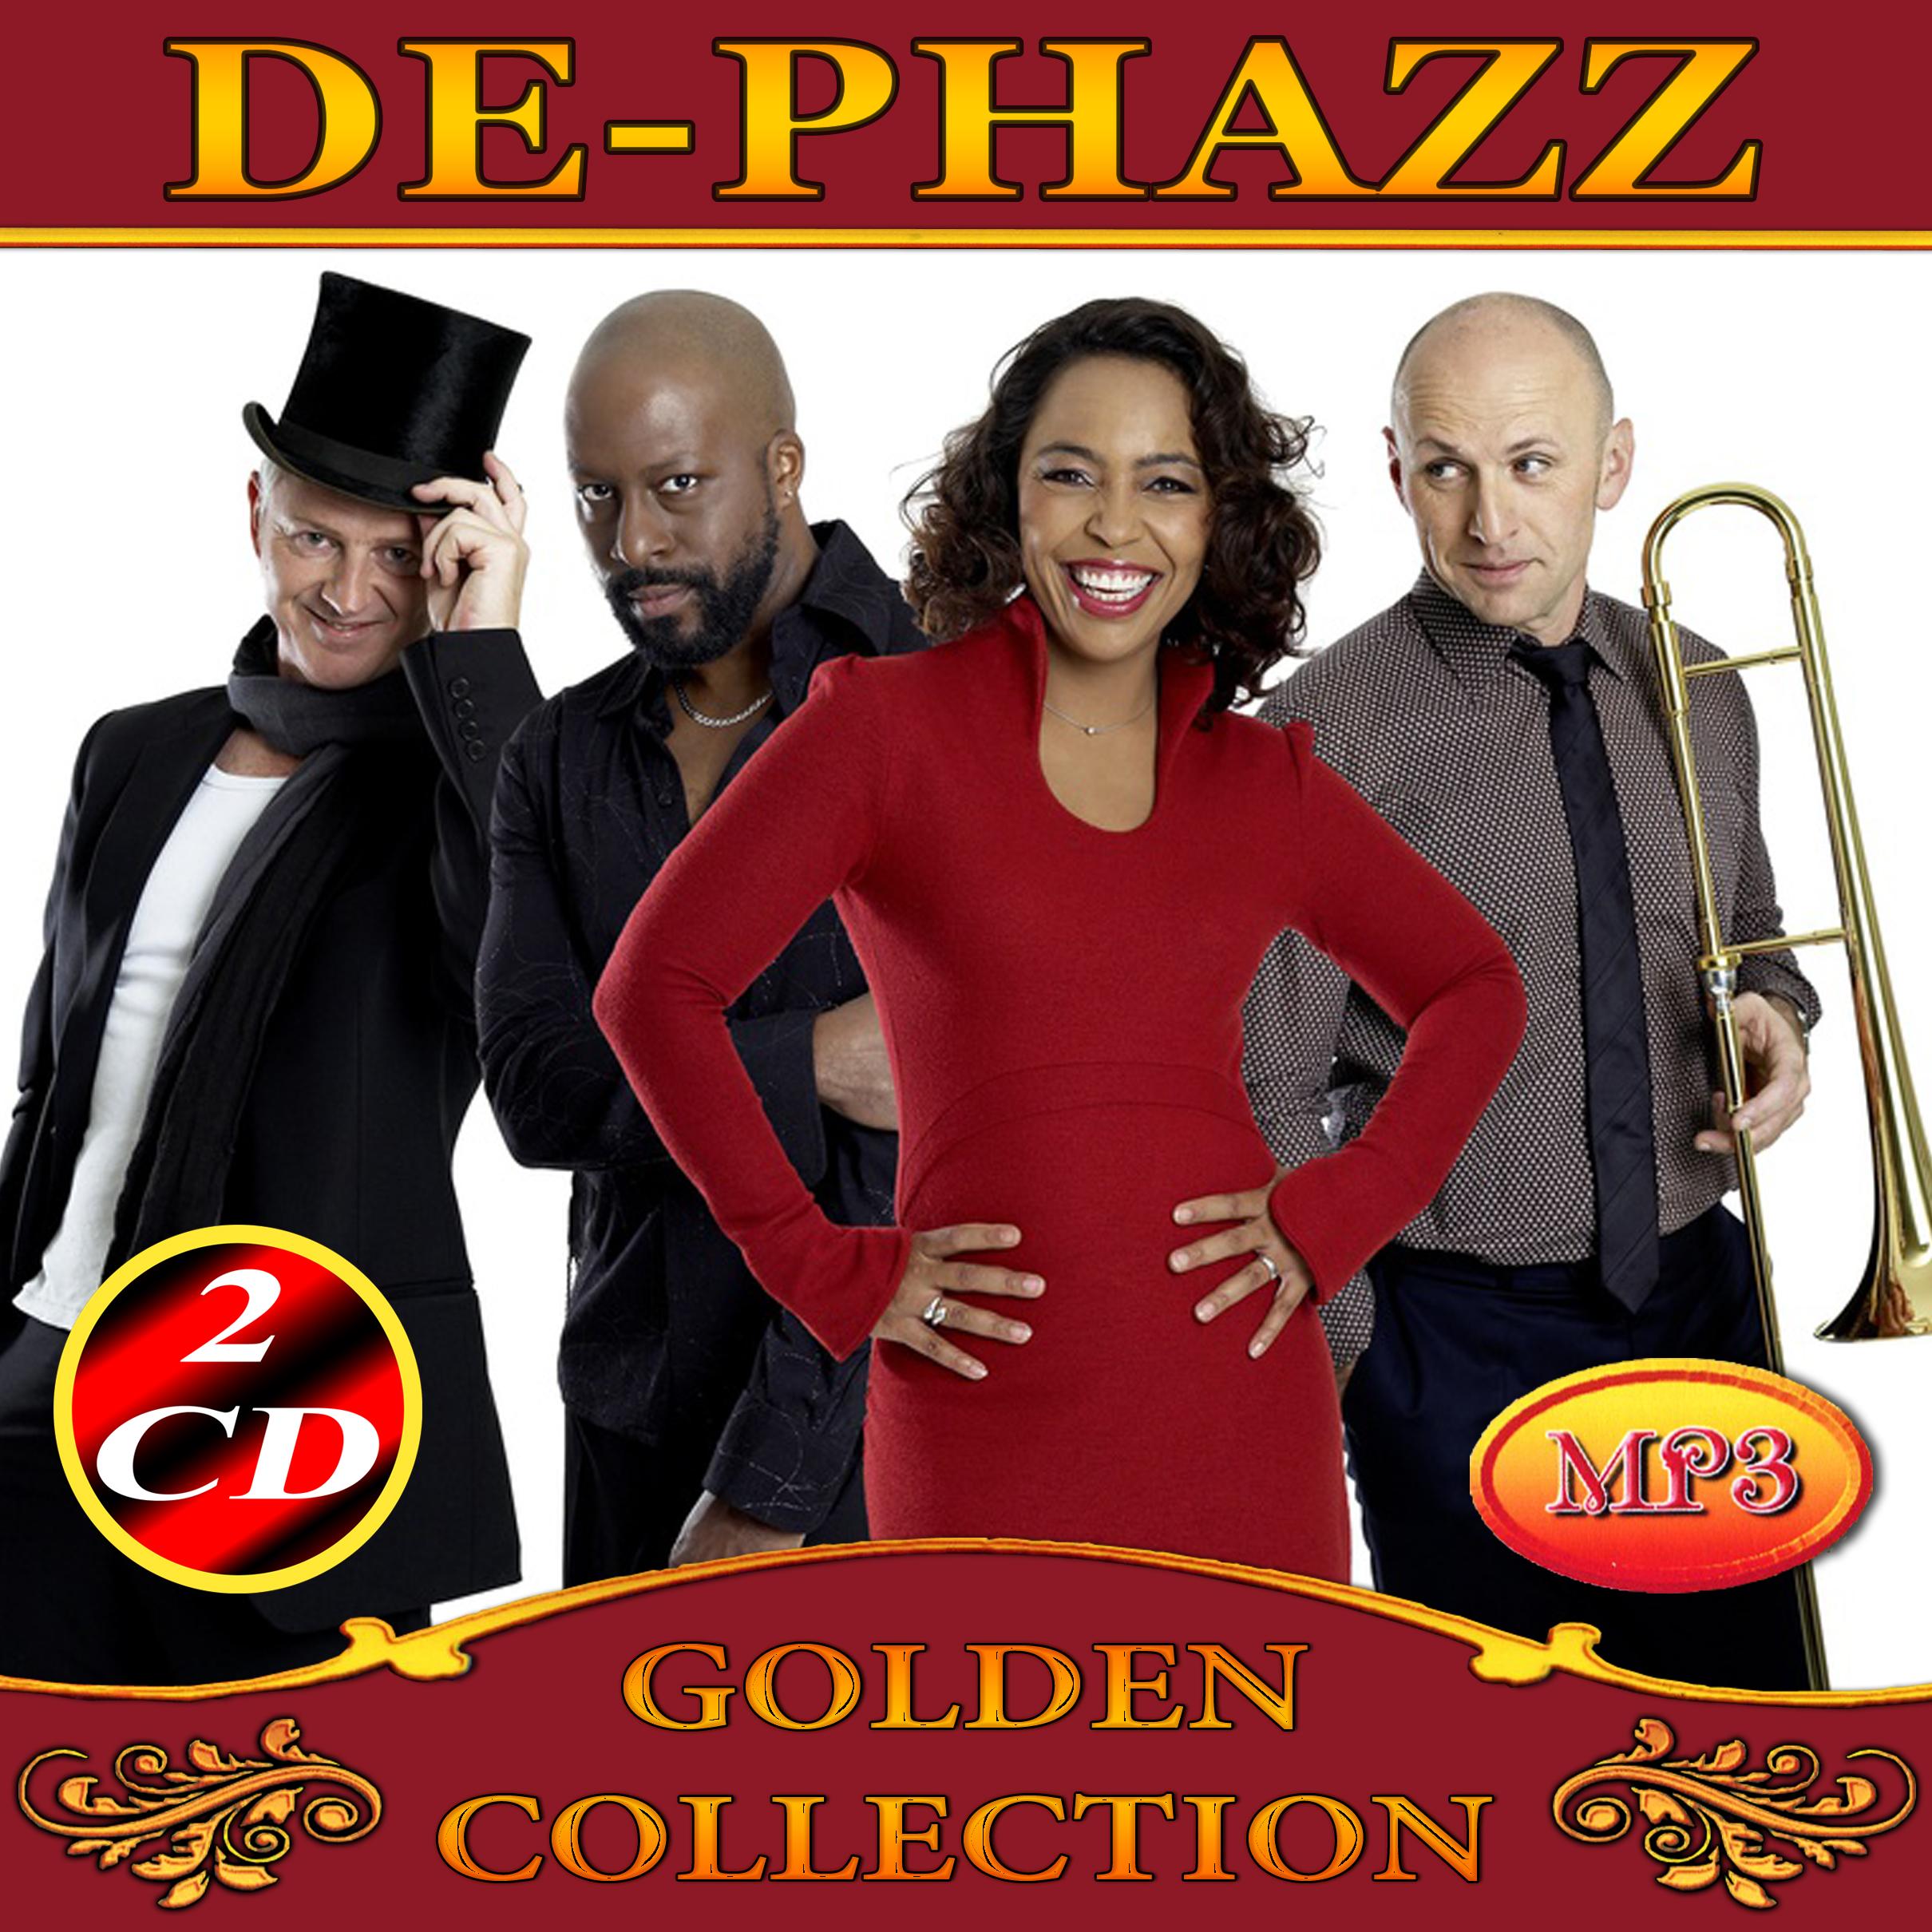 De-Phazz 2cd [mp3]